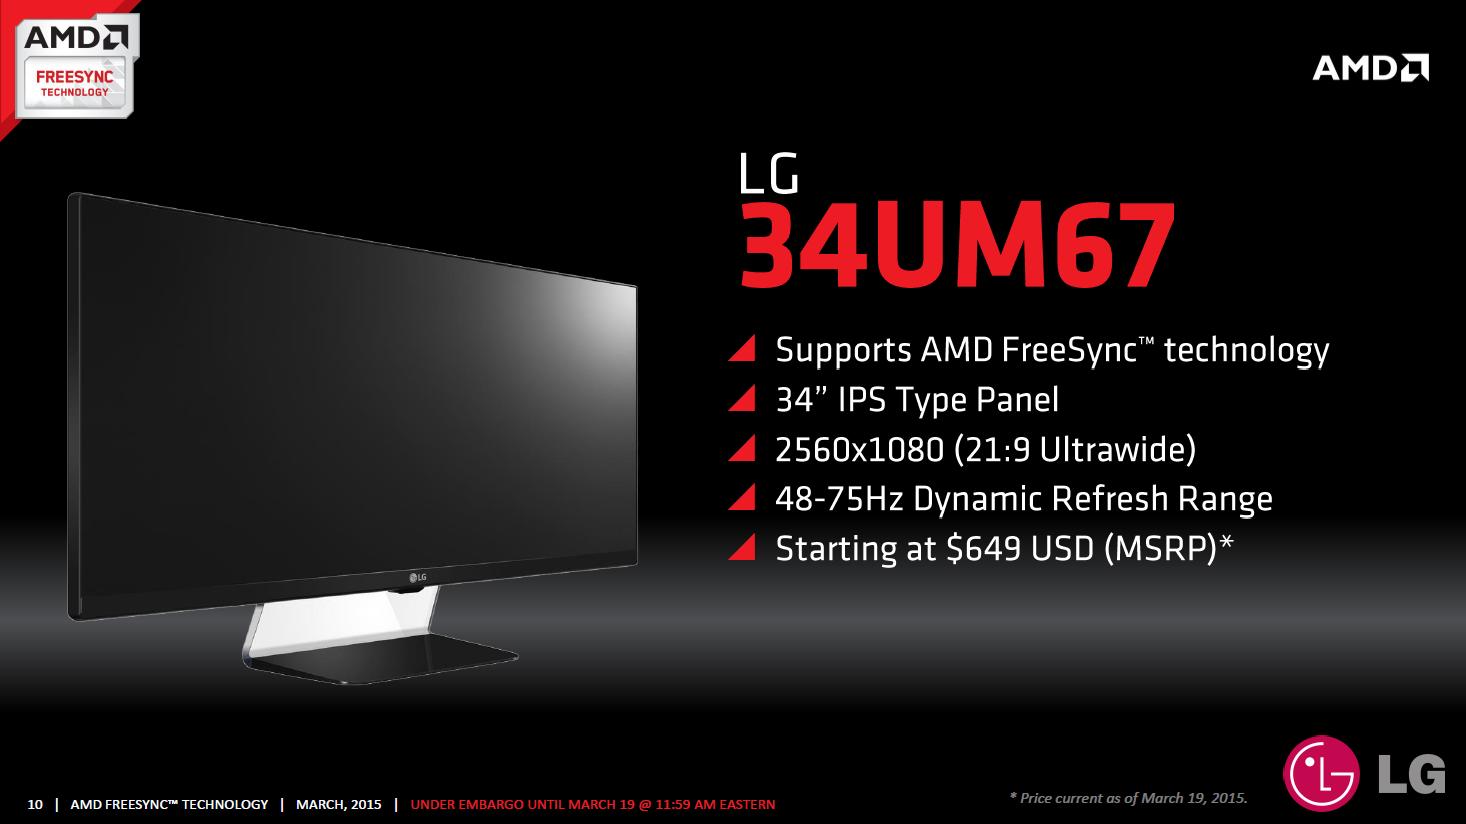 AMD Freesync im Test: Kostenlos im gleichen Takt - LG 34UM67 (Bild: AMD)